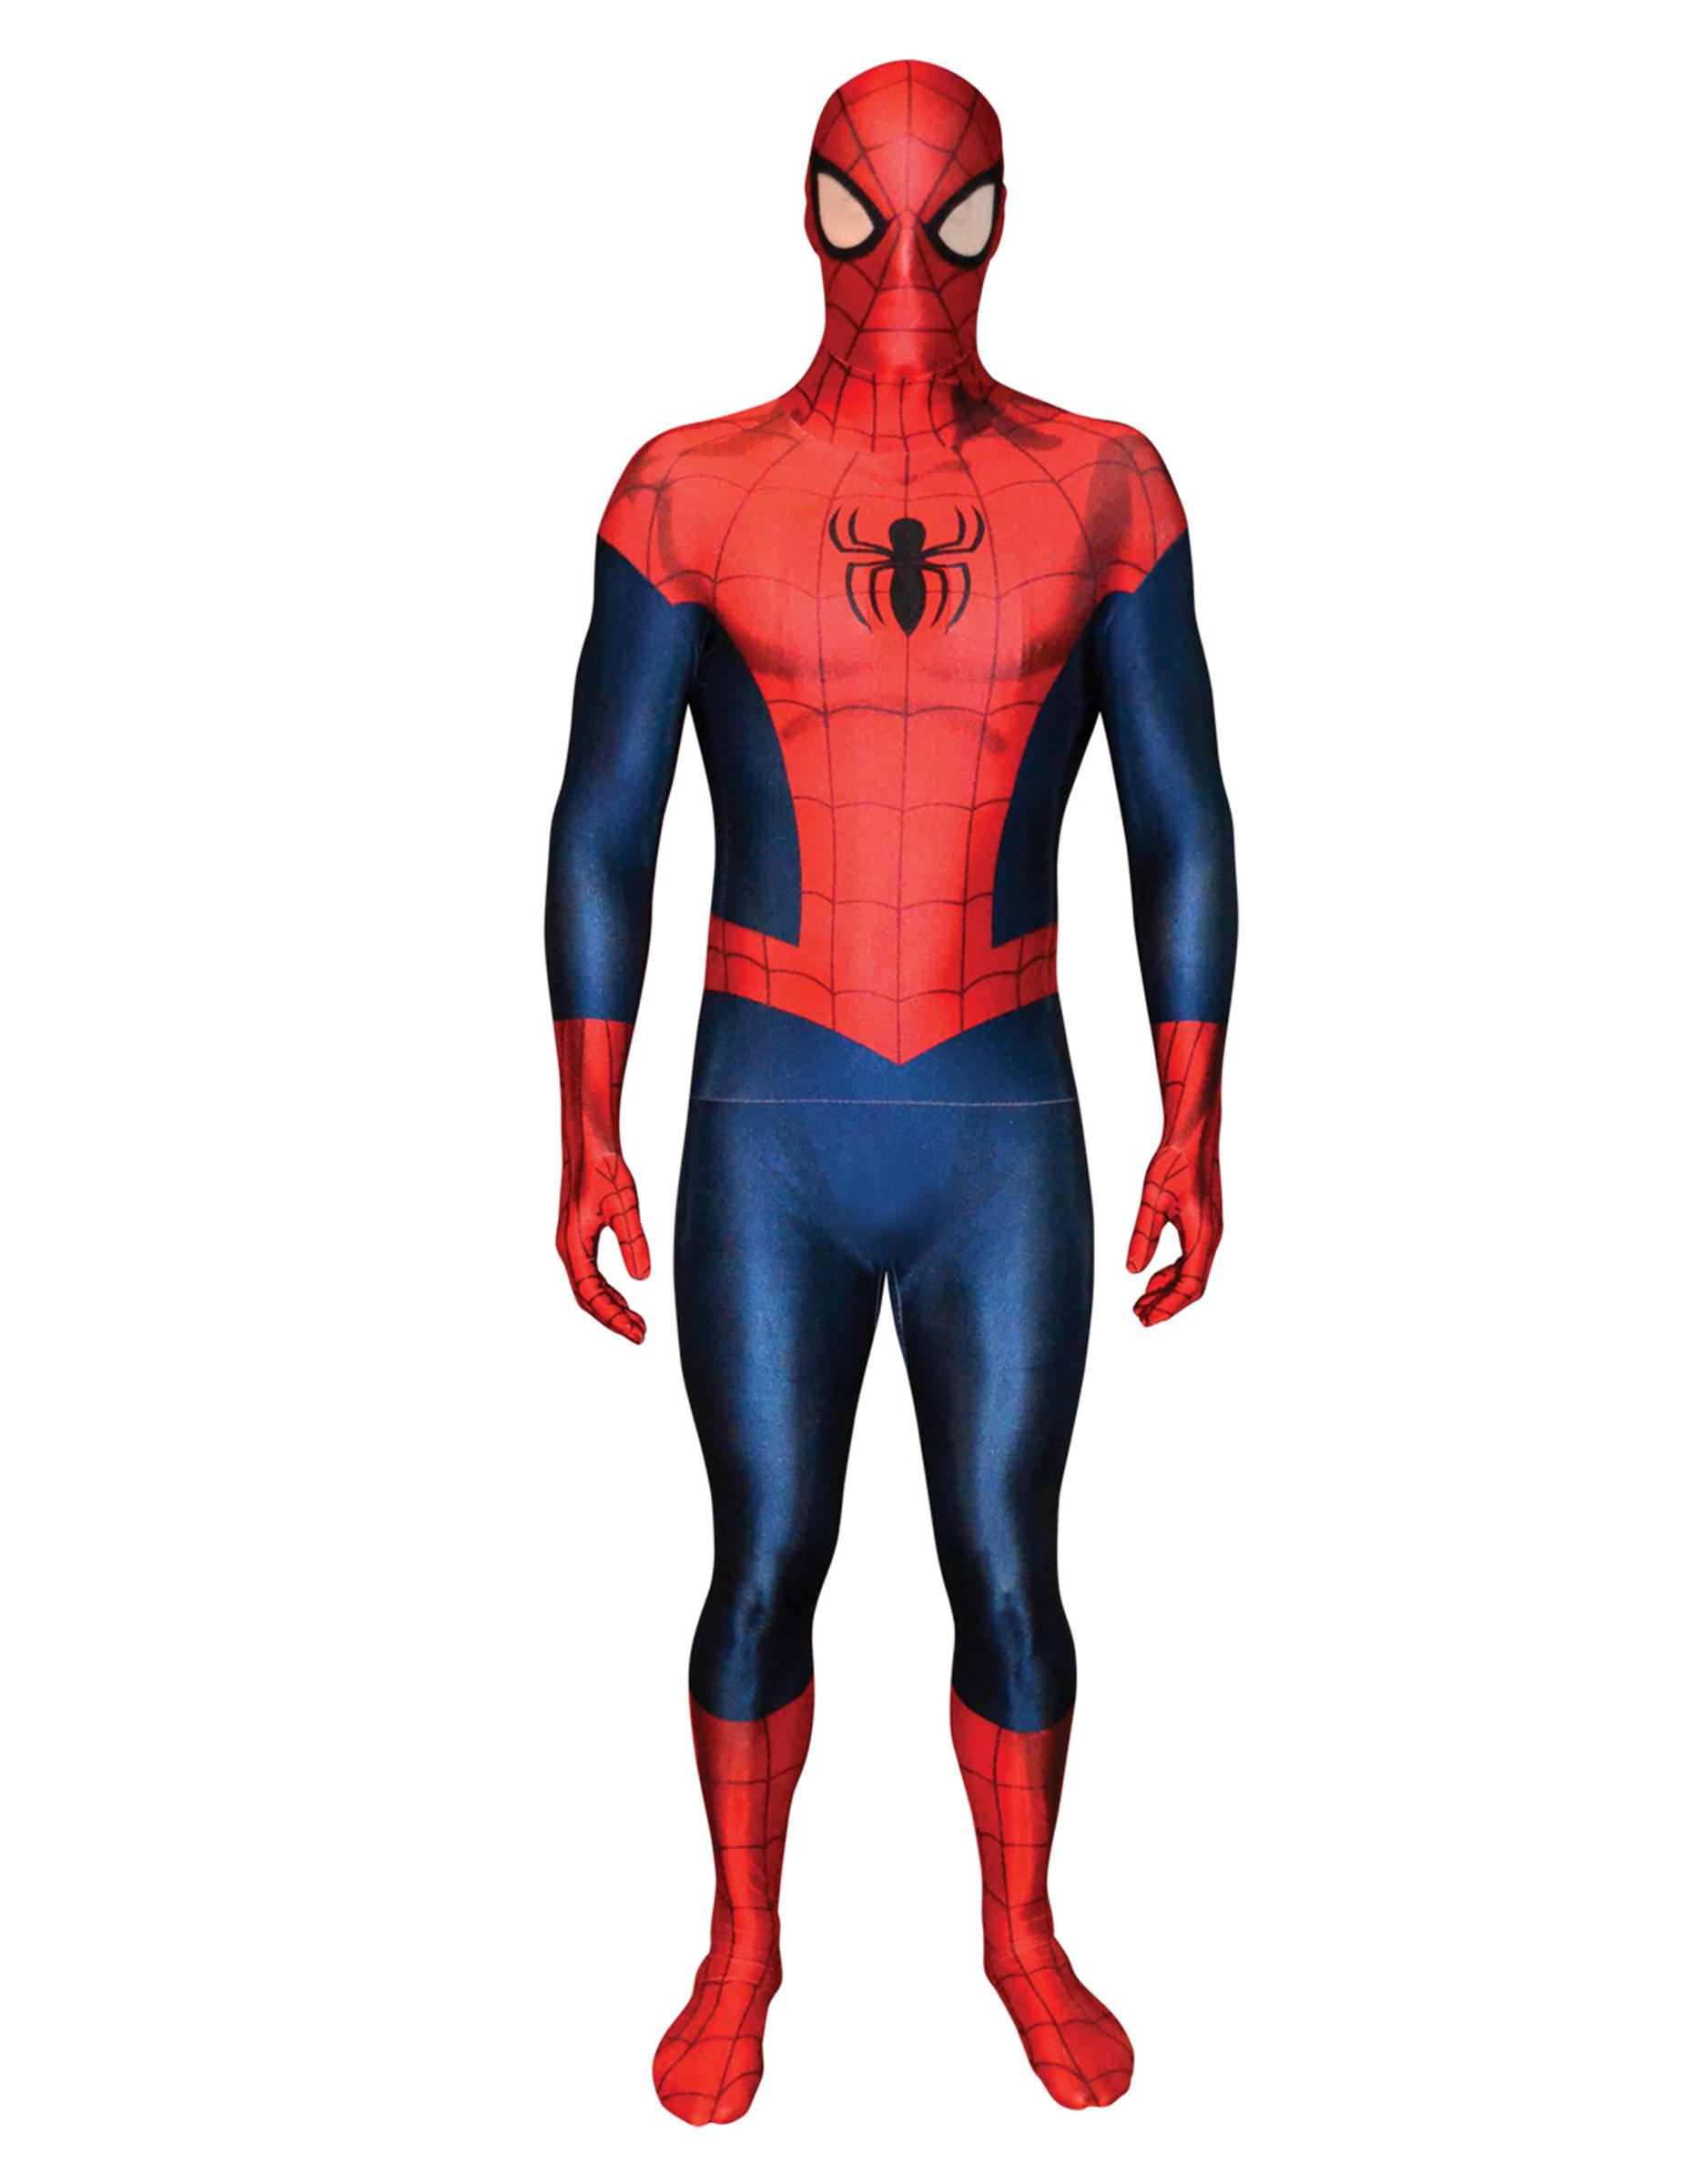 00ee416effaa5 Disfraces de Spiderman para adultos - Vegaoo.es